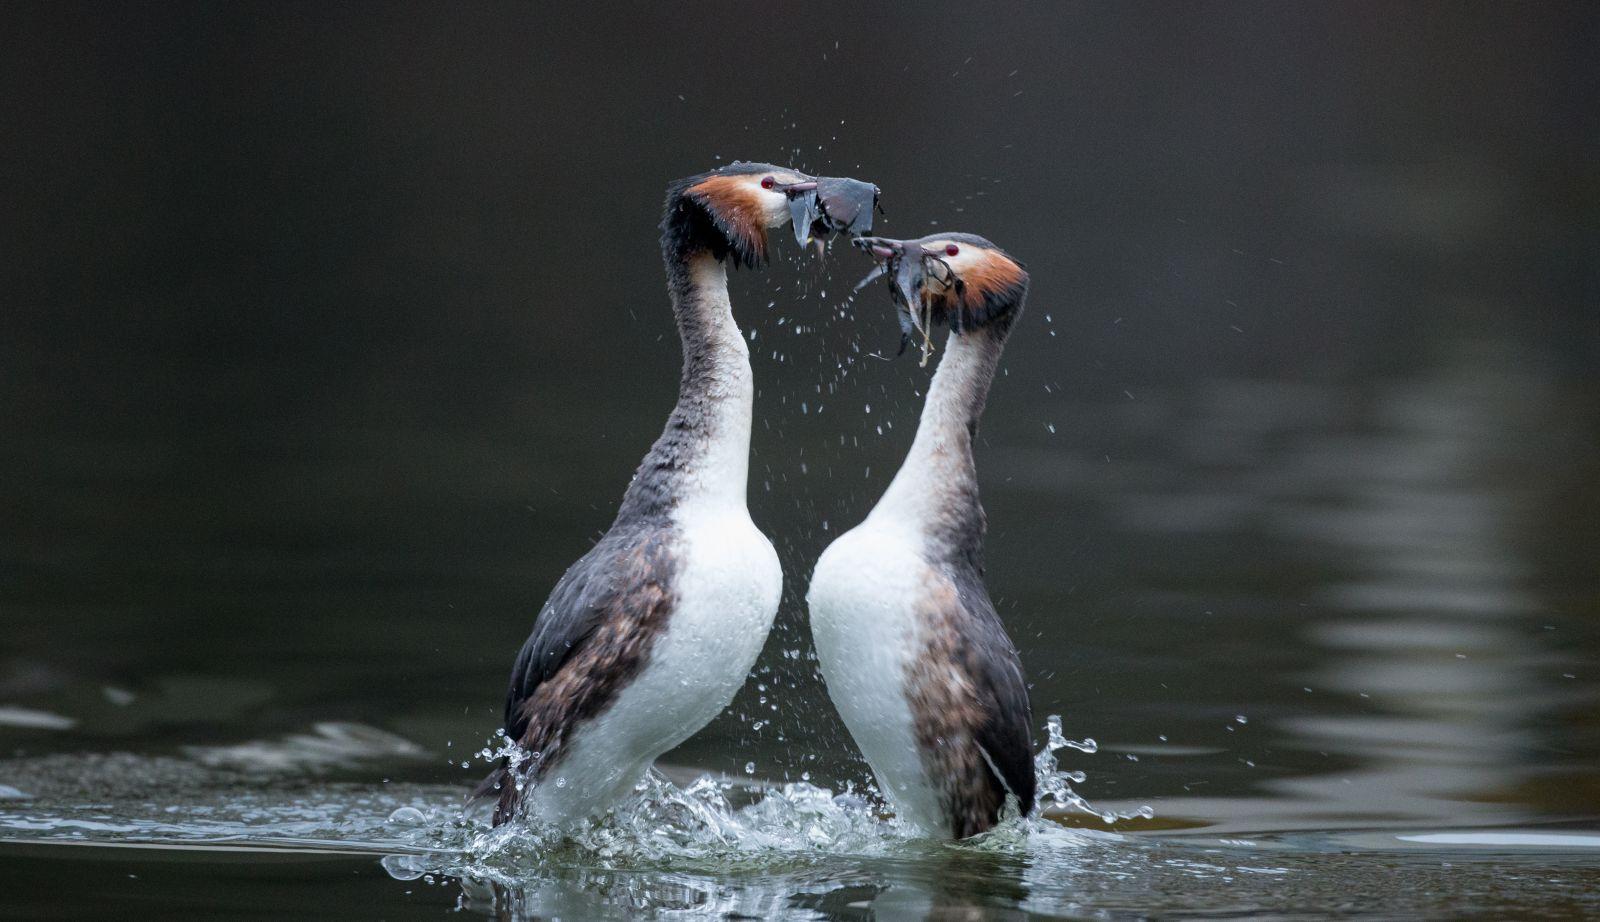 کشیم بزرگ بخاطر کاکل زیبا و رقص زیبای آن روی سطح آب در زمان جفت گیری از گونه های معروف کشیم شناخته شده است